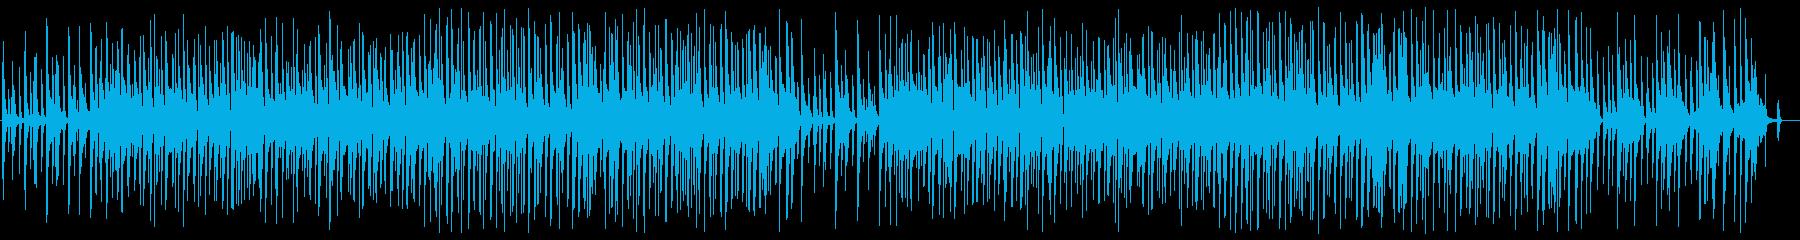 のんびりほのぼのとしたギターインストの再生済みの波形